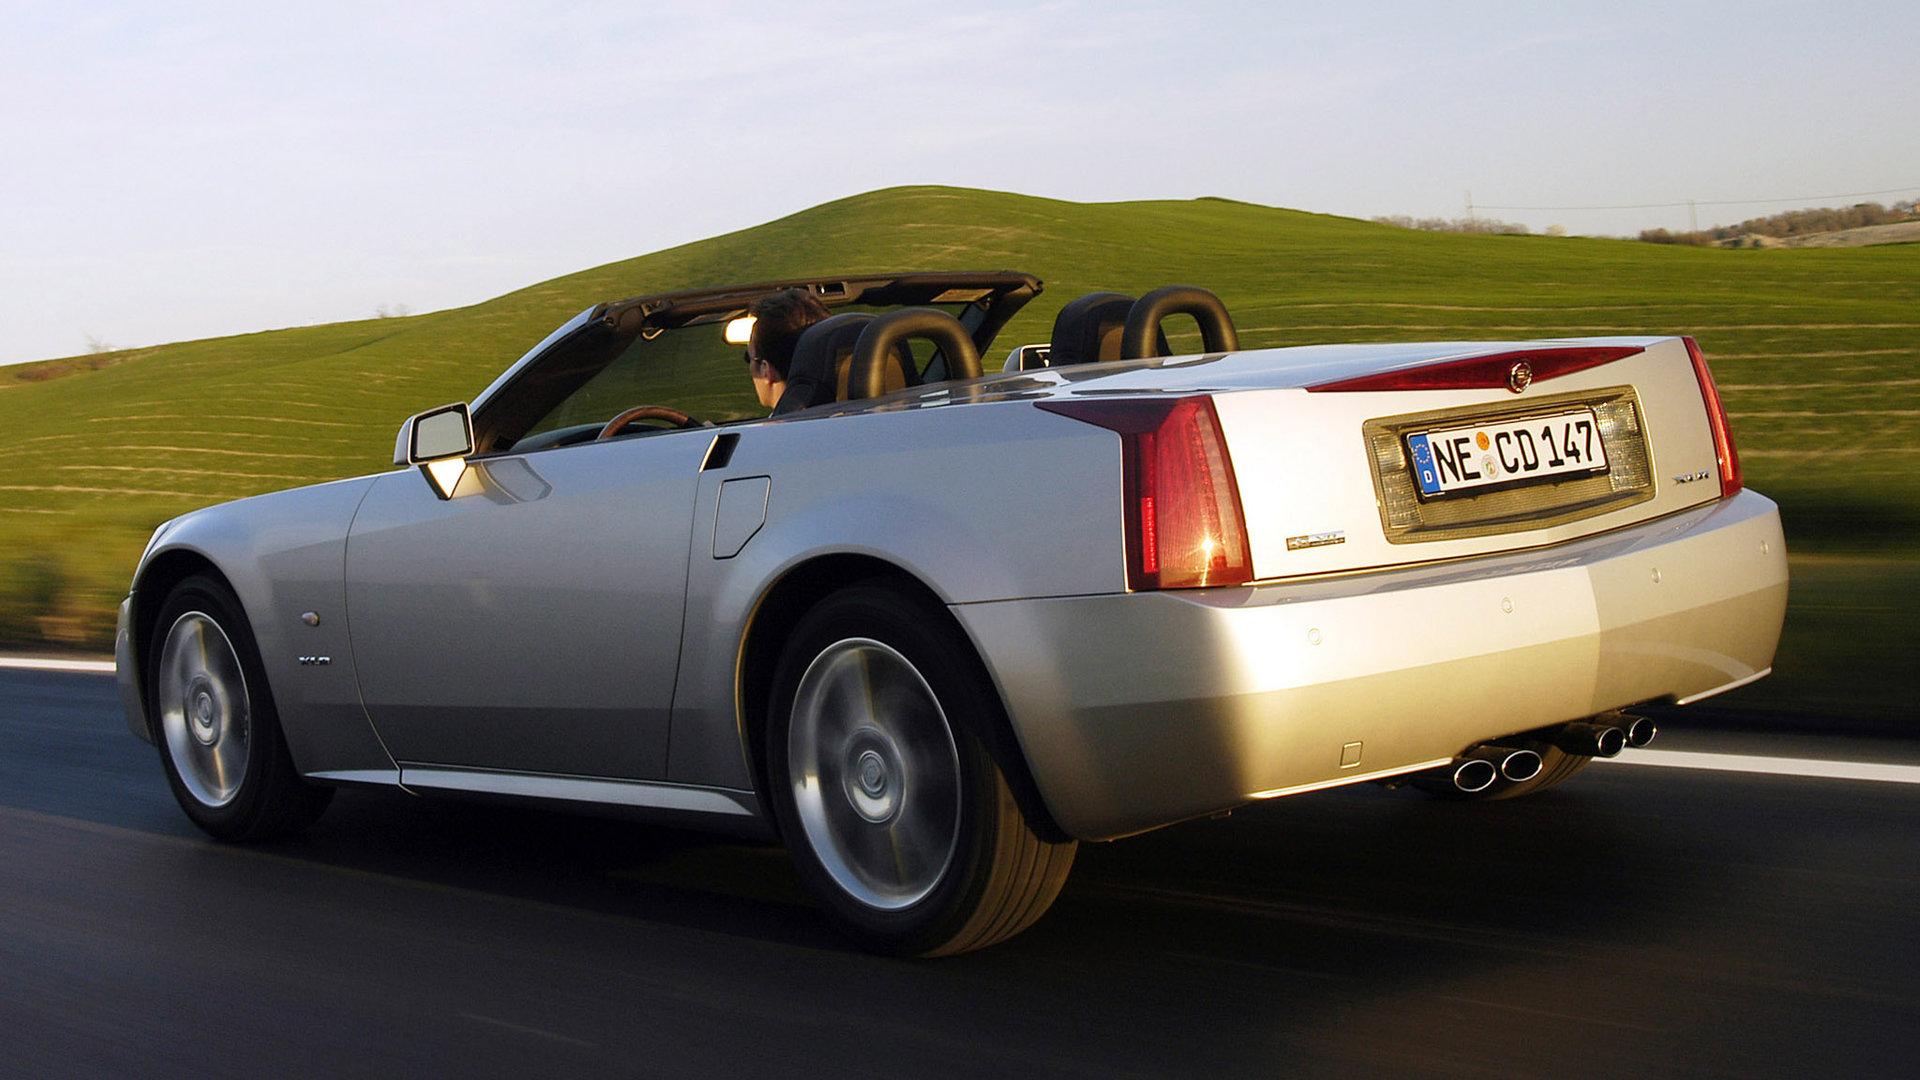 Cadillac XLR Trasera